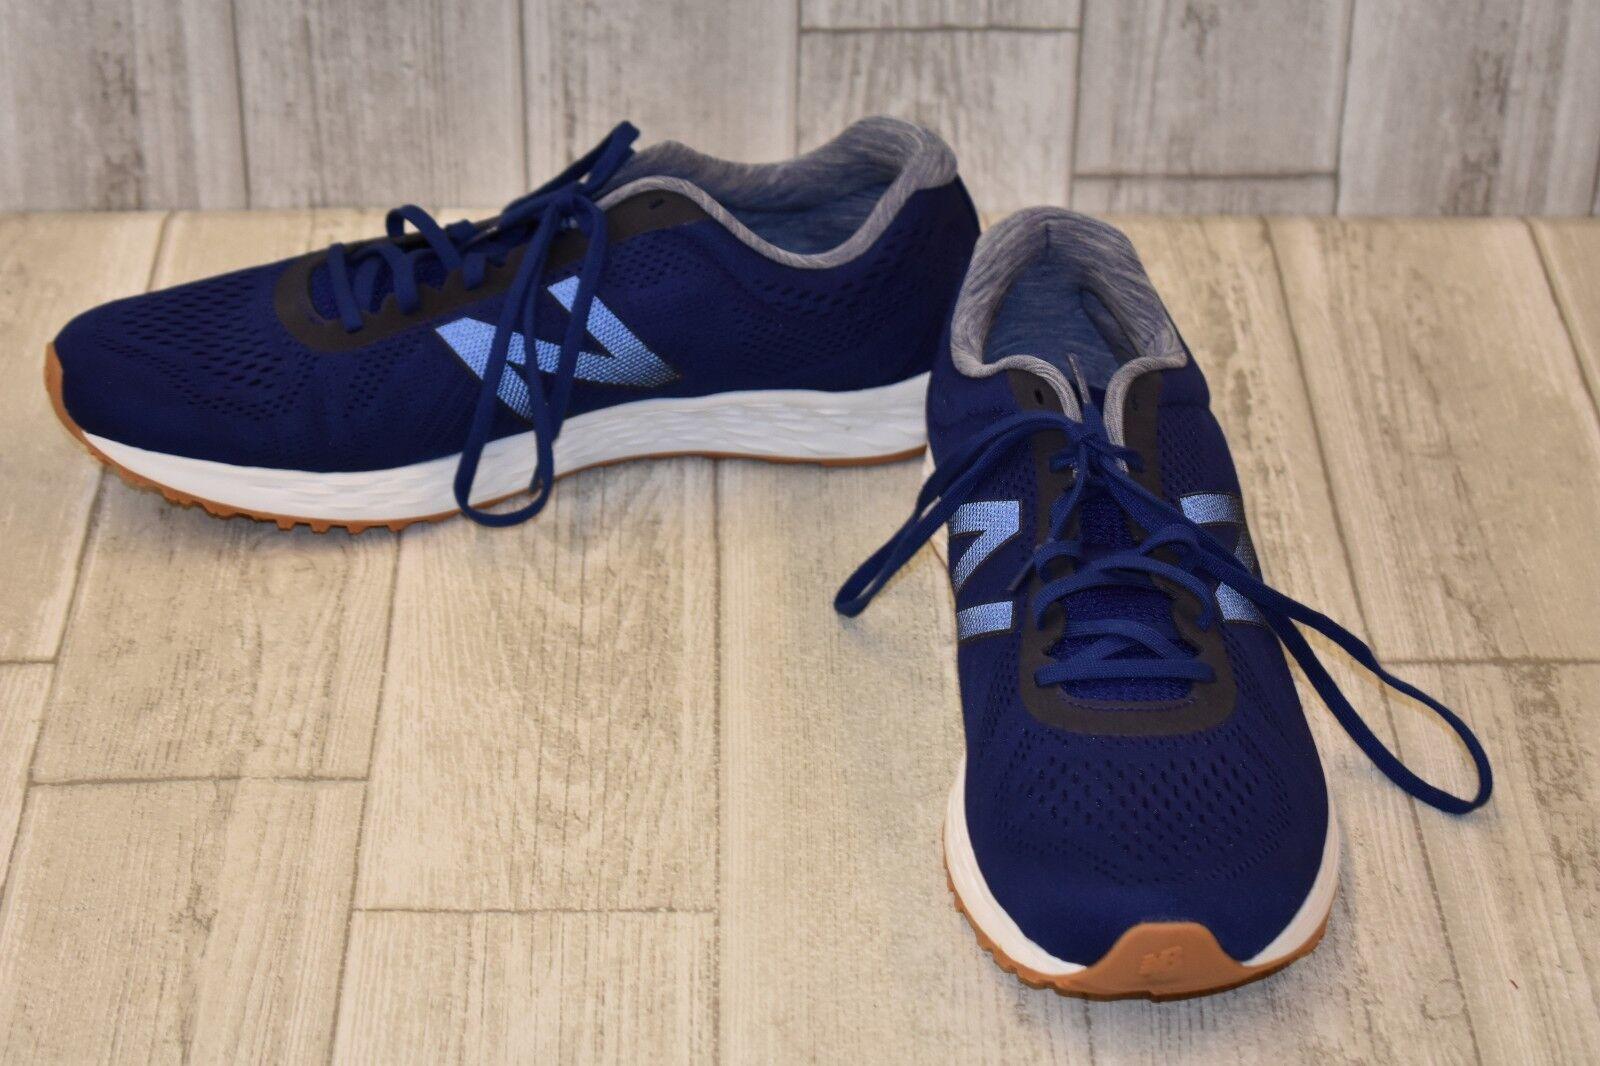 b67c390036849 New Balance Arishi Arishi Arishi v1 Running Shoe - Men s Size 13D ...